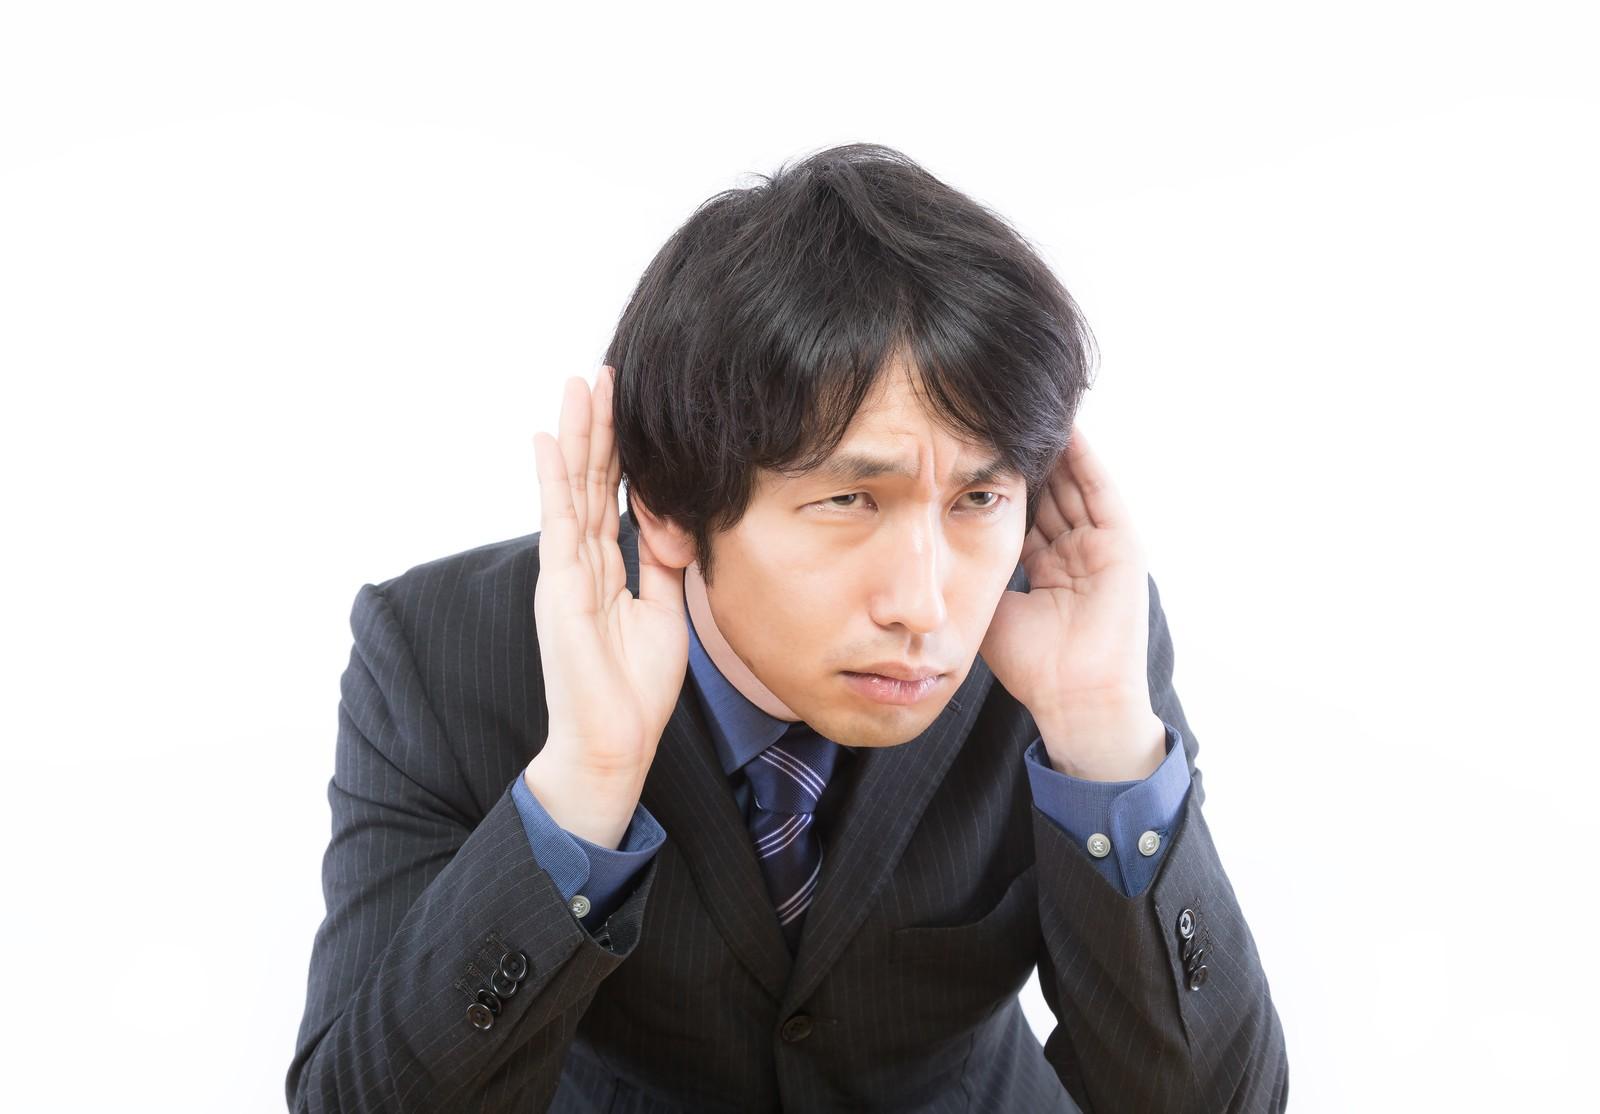 滋賀心理カウンセリングで浮気や不倫、離婚やSEXの話。金沢市や福井市、岐阜市から-09